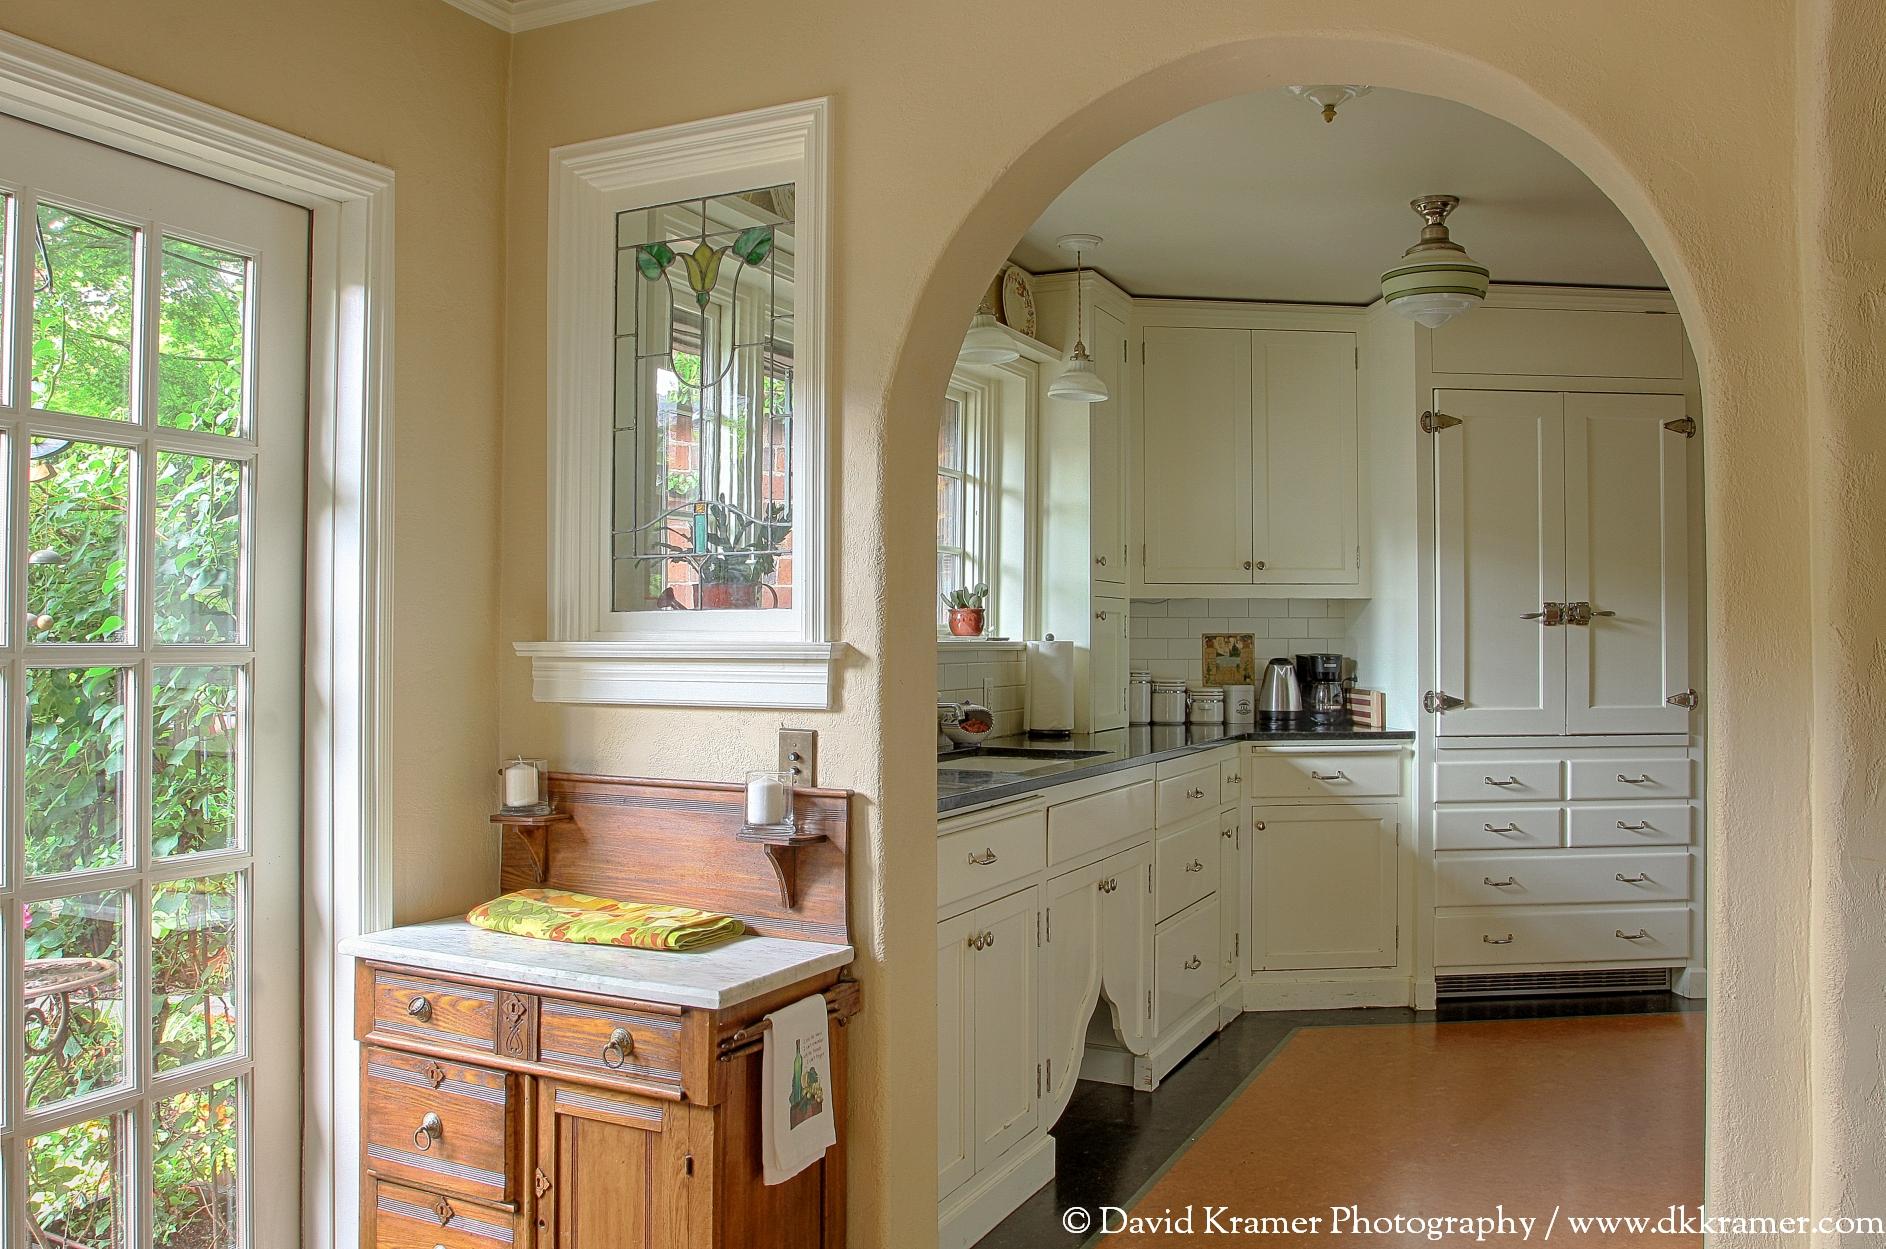 10 LNA-BrickHouse-Kitchen1-DKPhoto.jpg